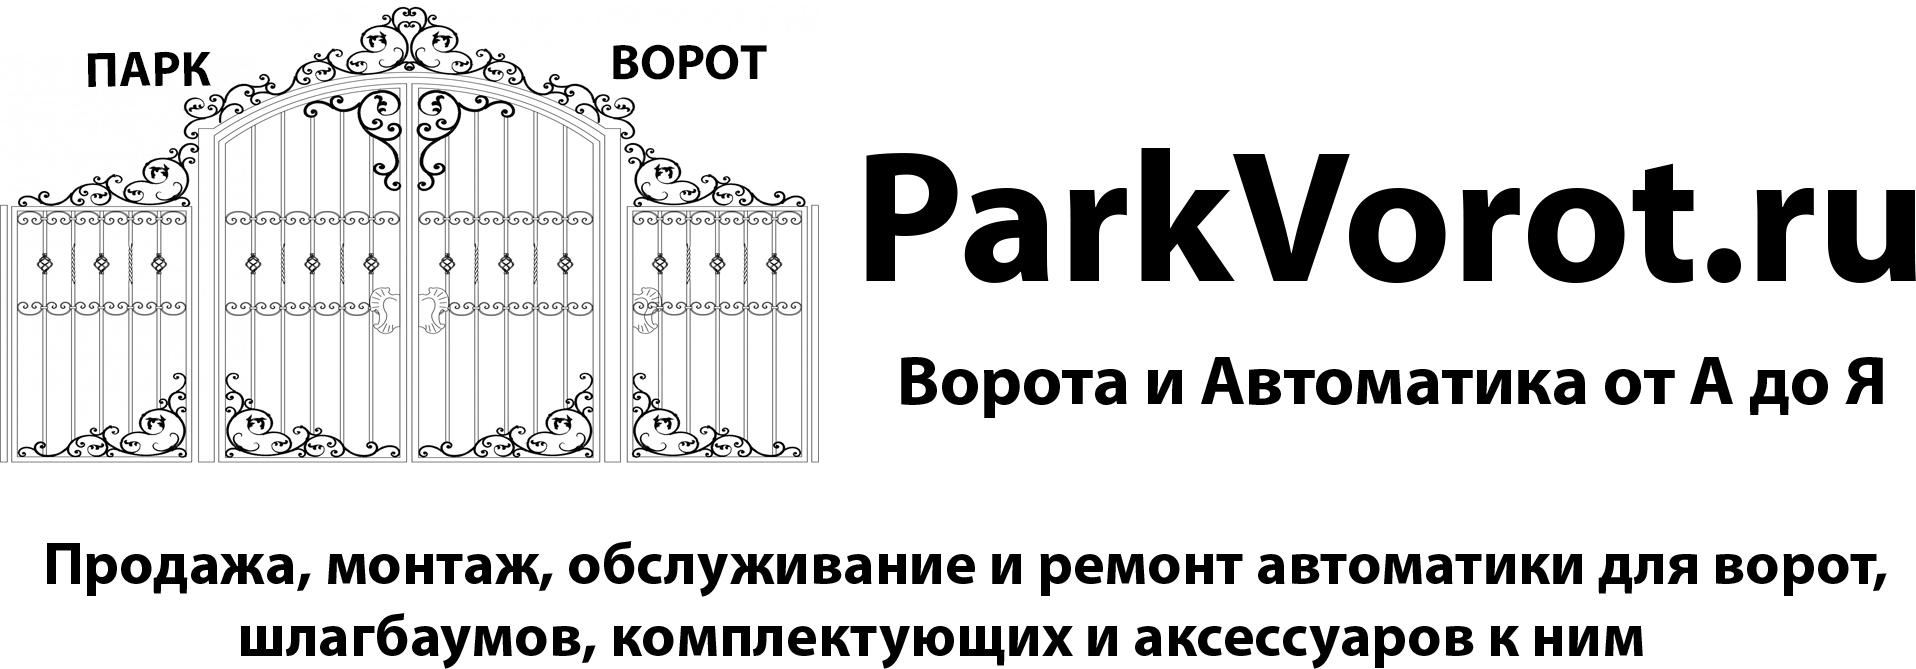 Parkvorot.ru